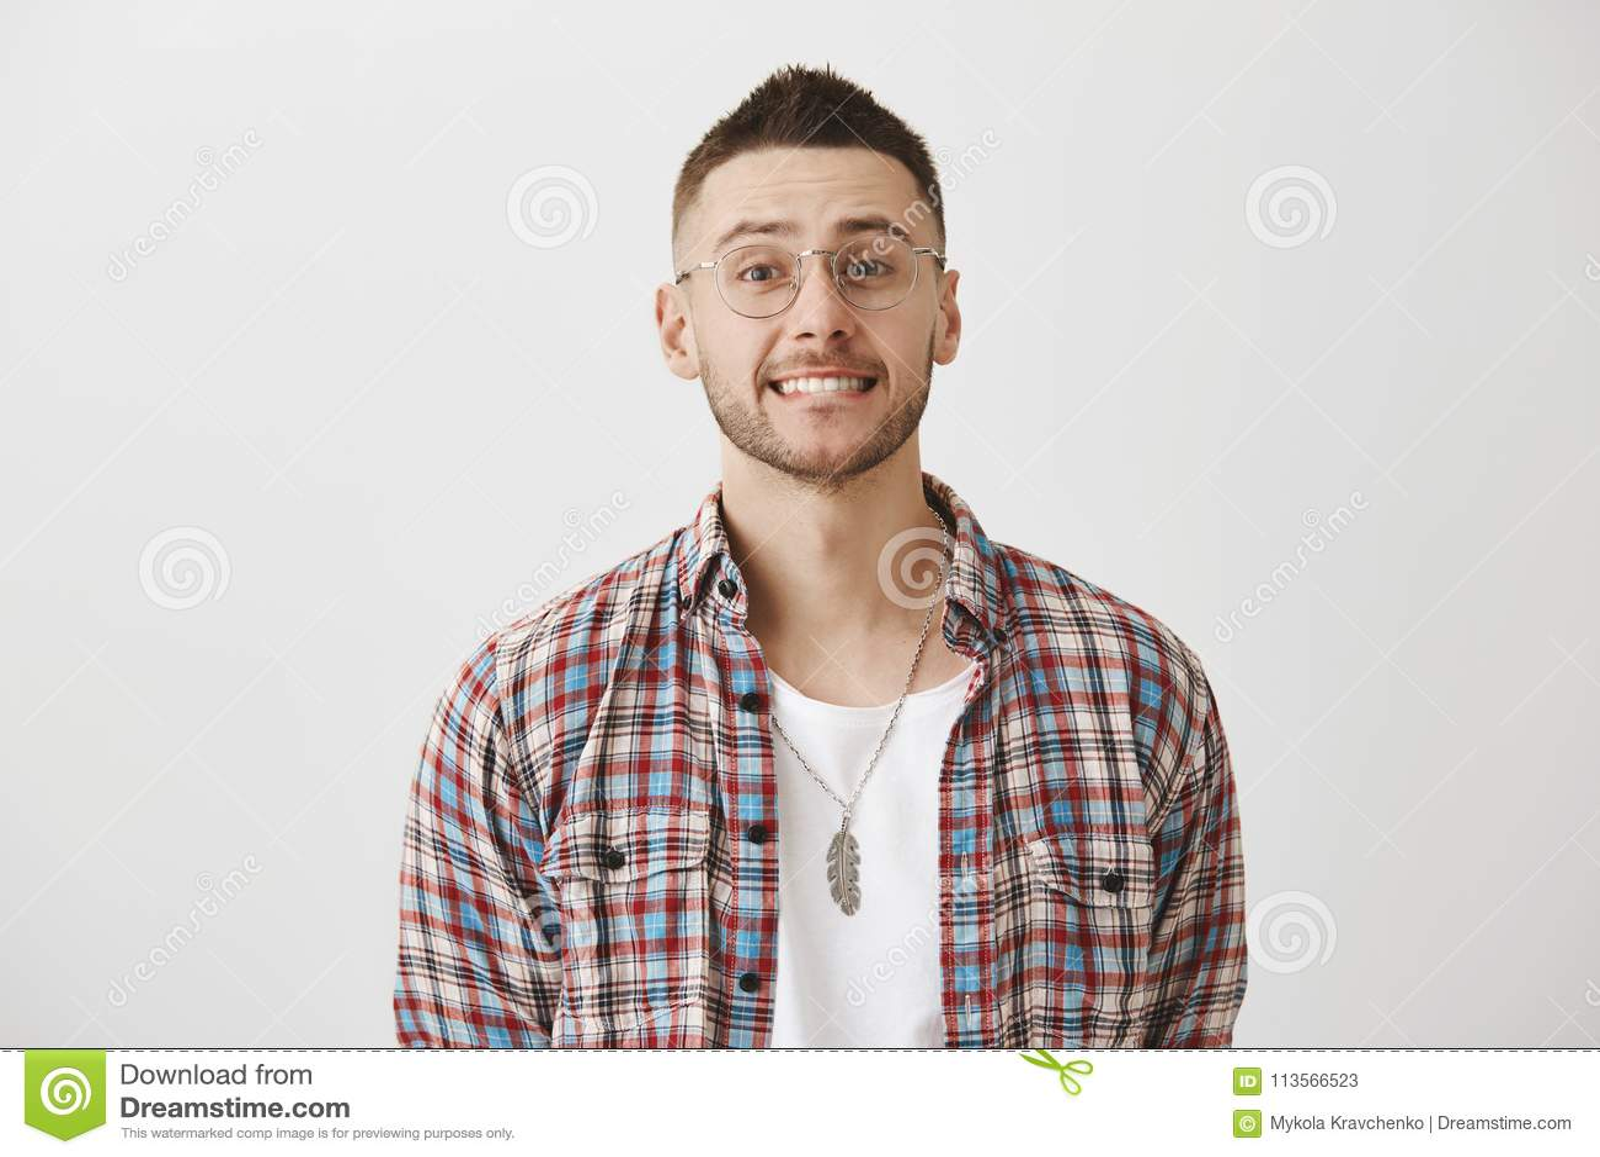 Dating european guys